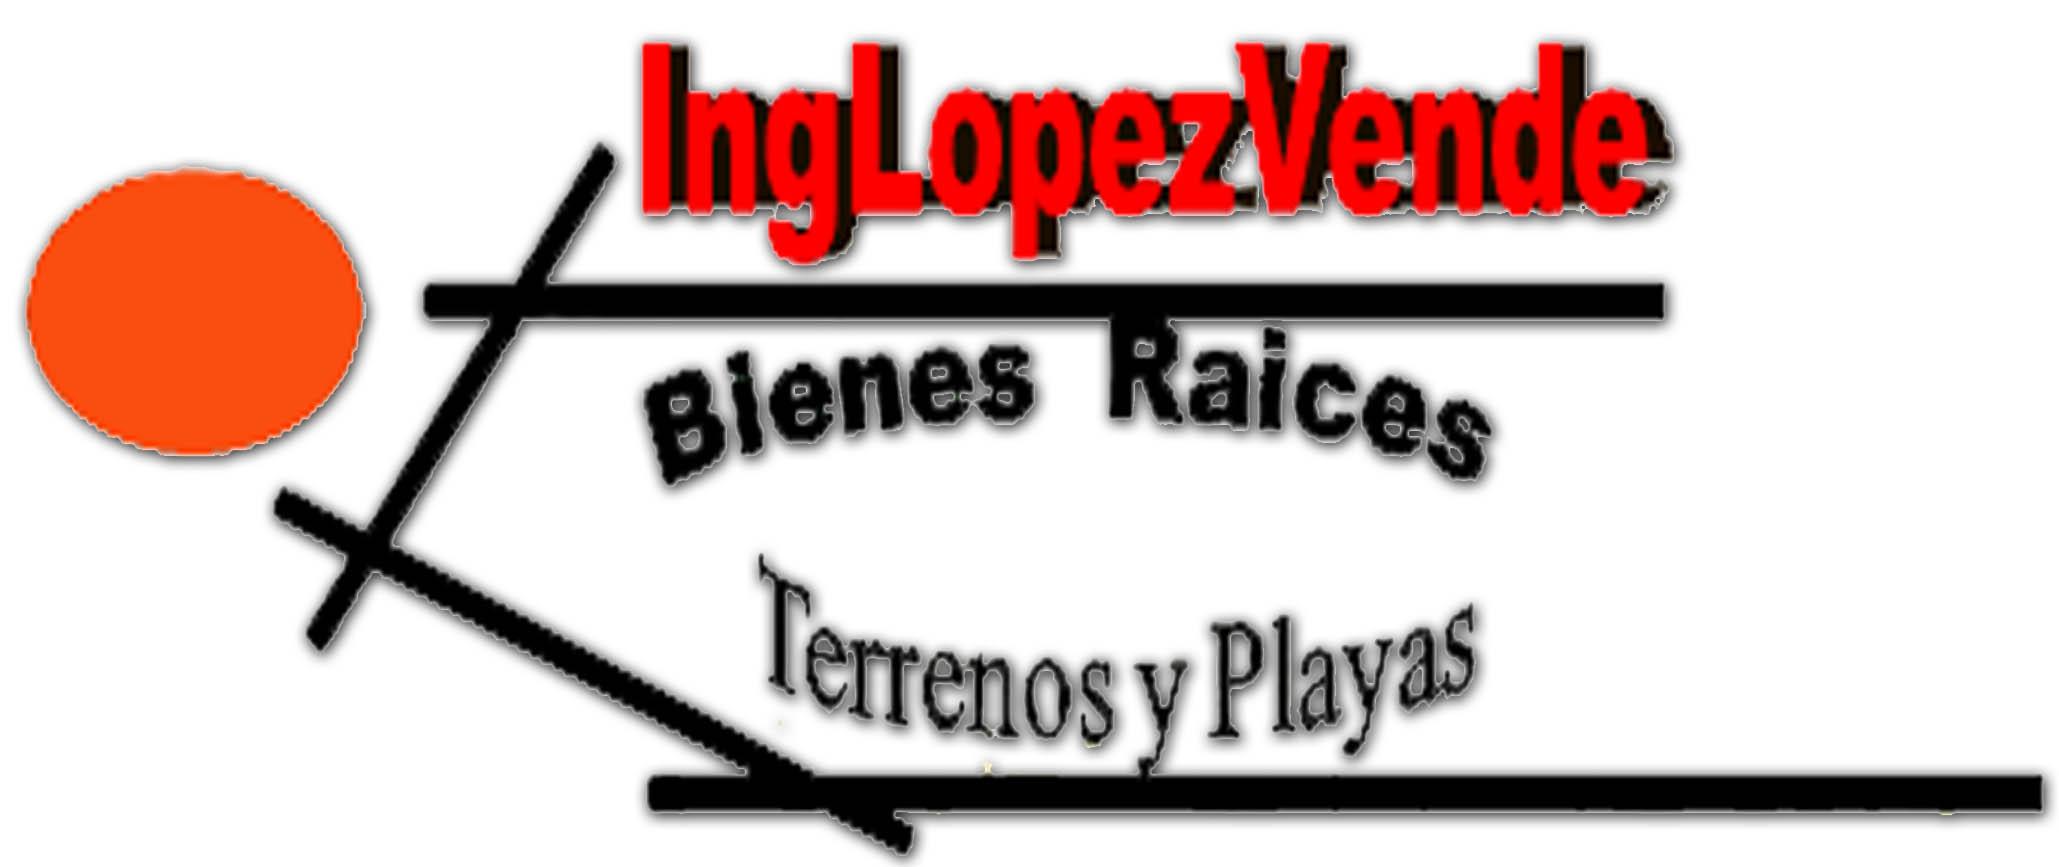 inglopezvende-logo_copy.jpg